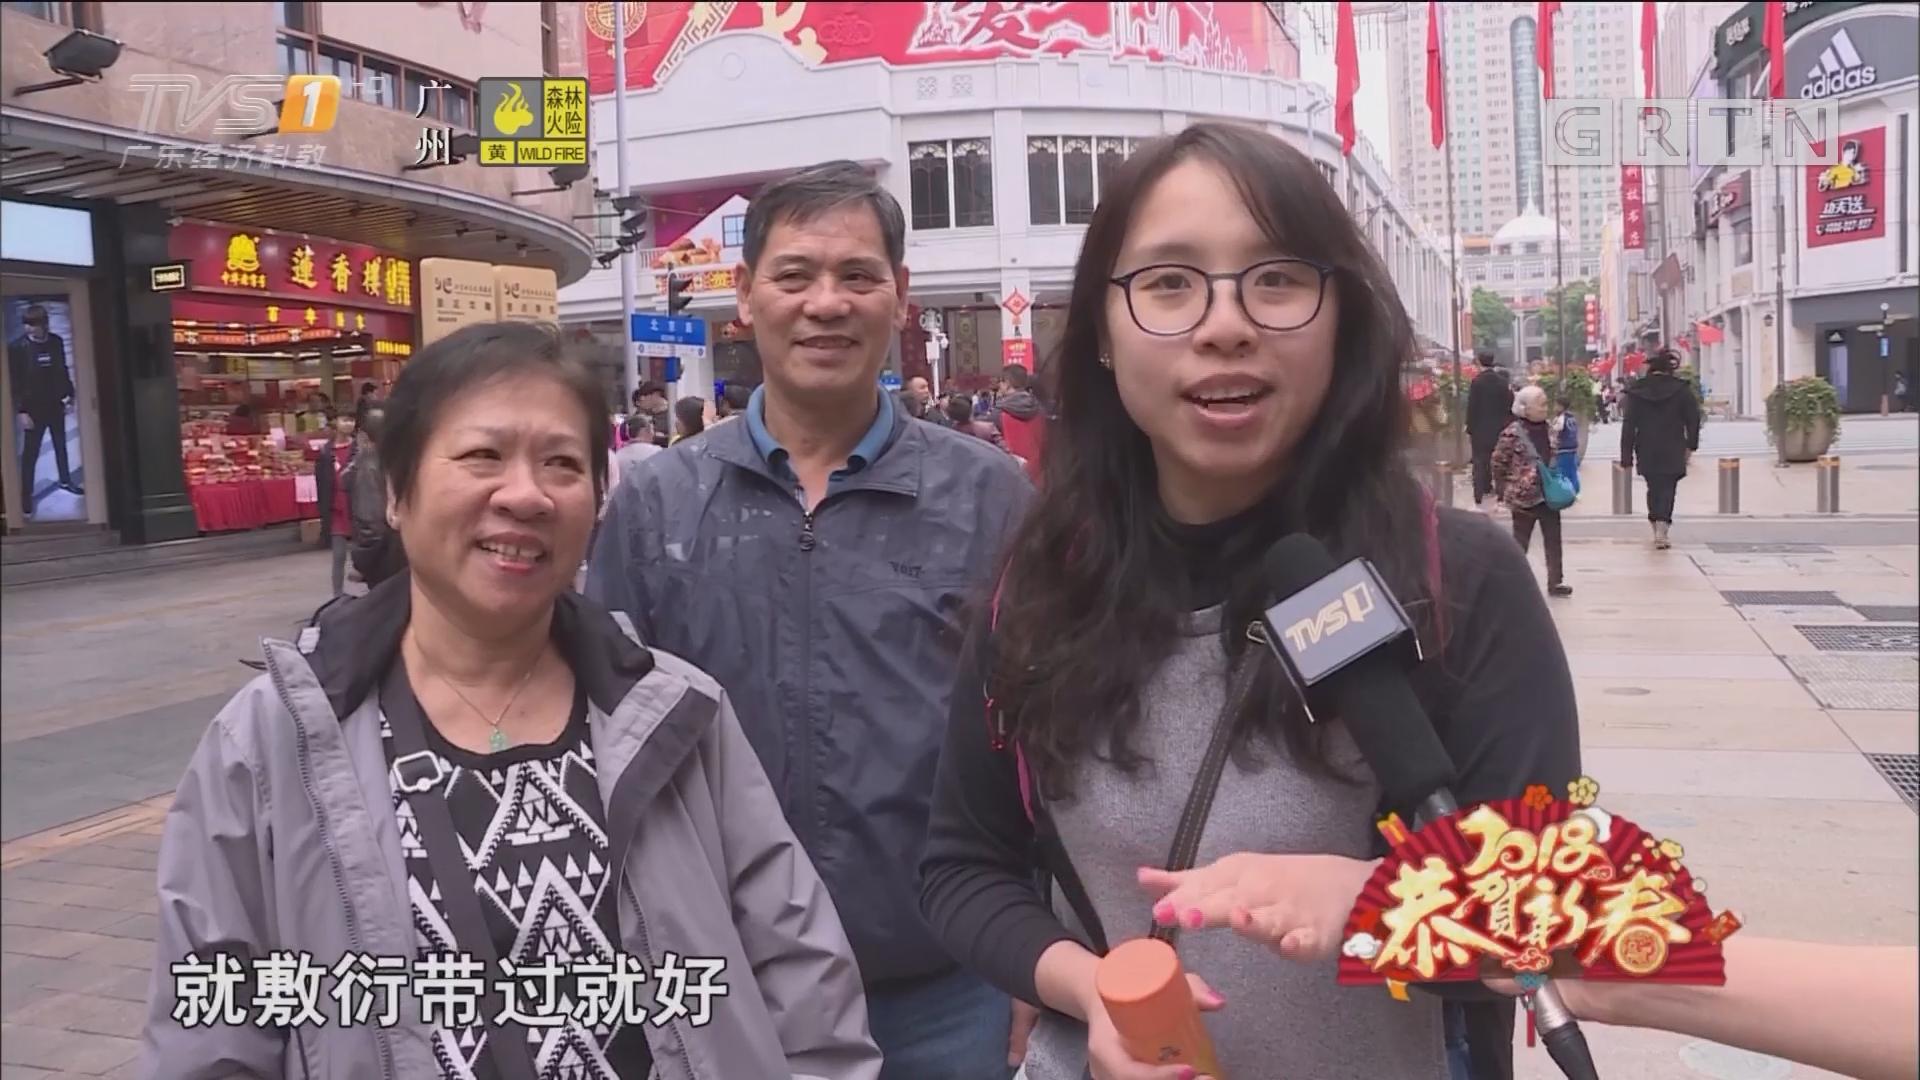 妙语连珠 春节最怕被亲戚问什么?